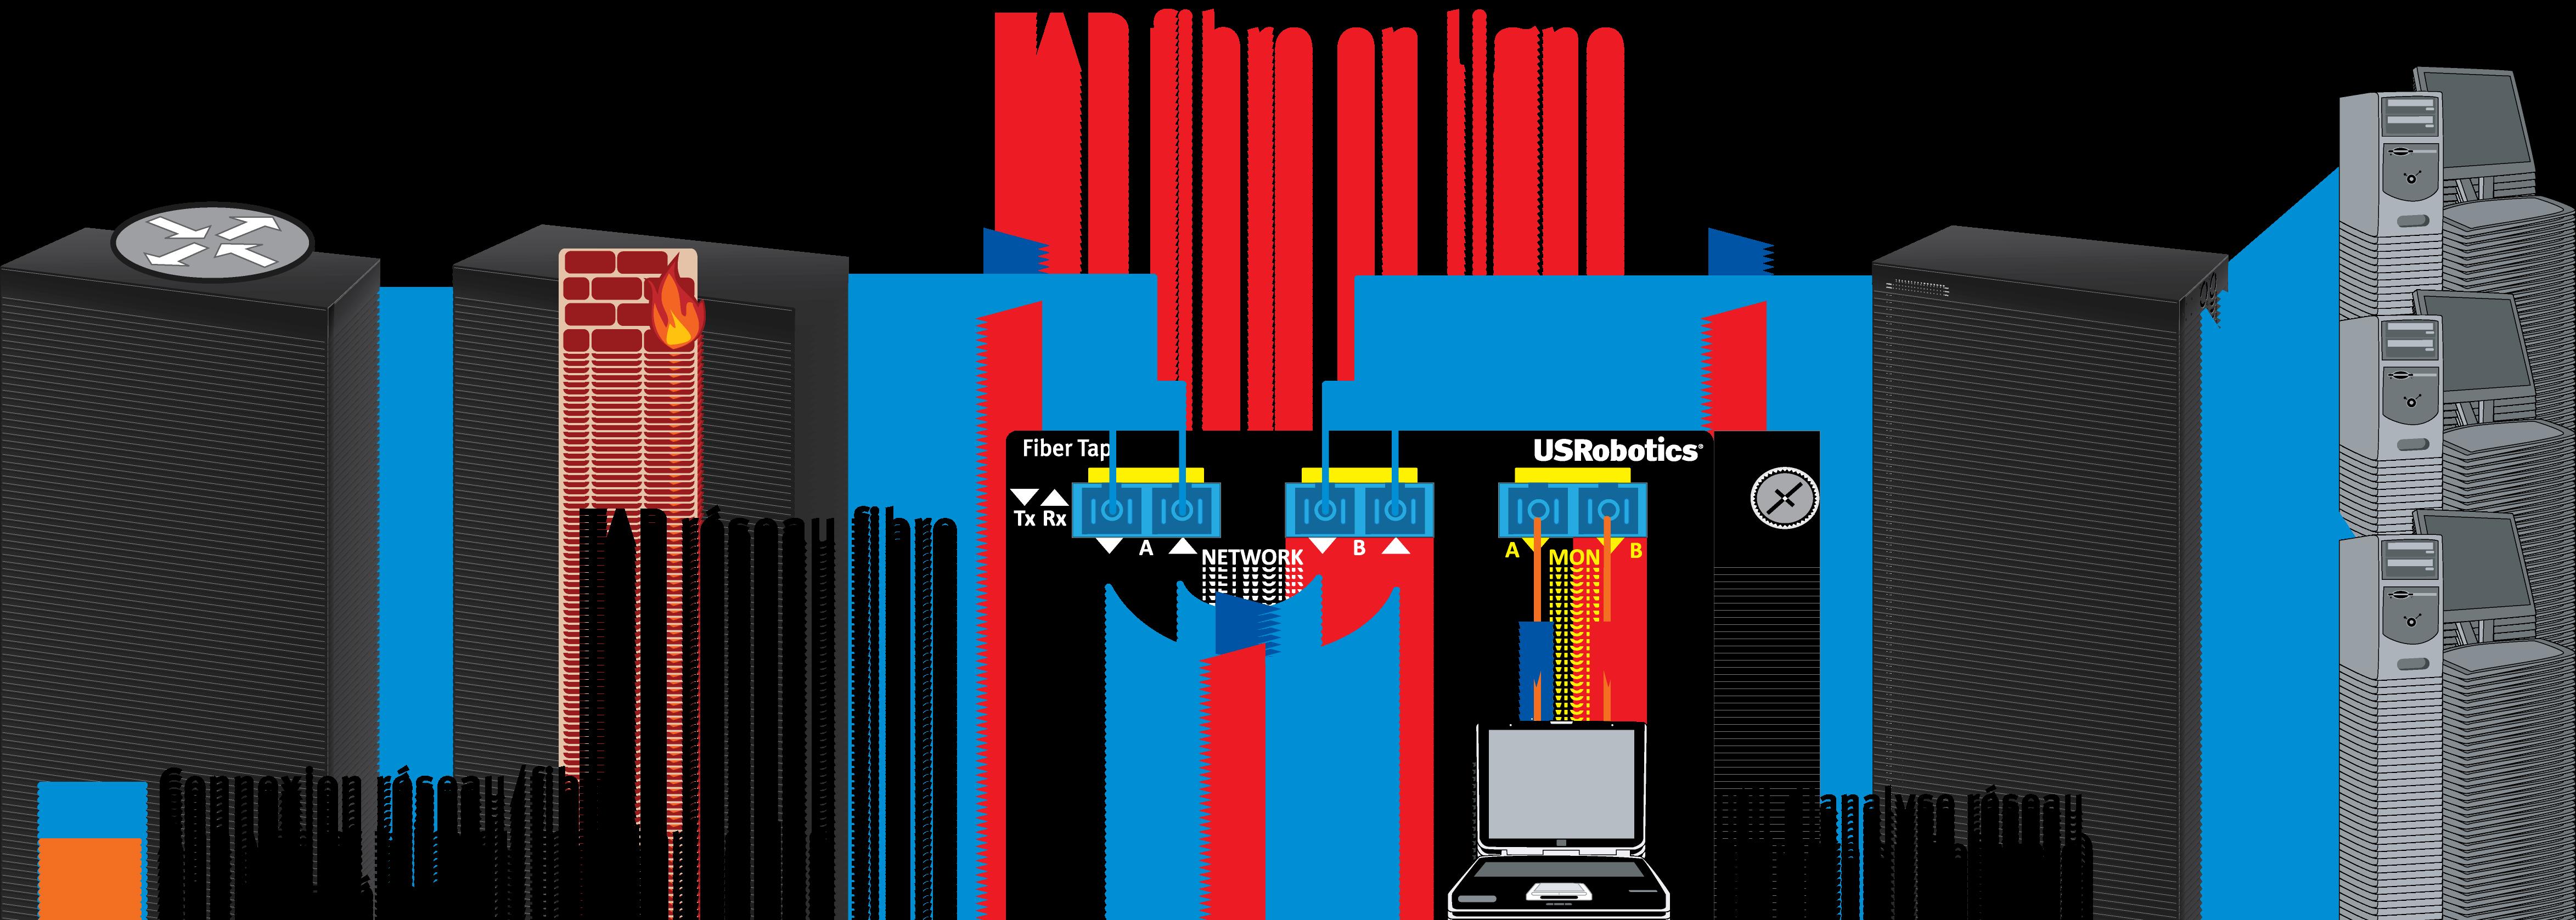 Tab Fibre en ligne USR